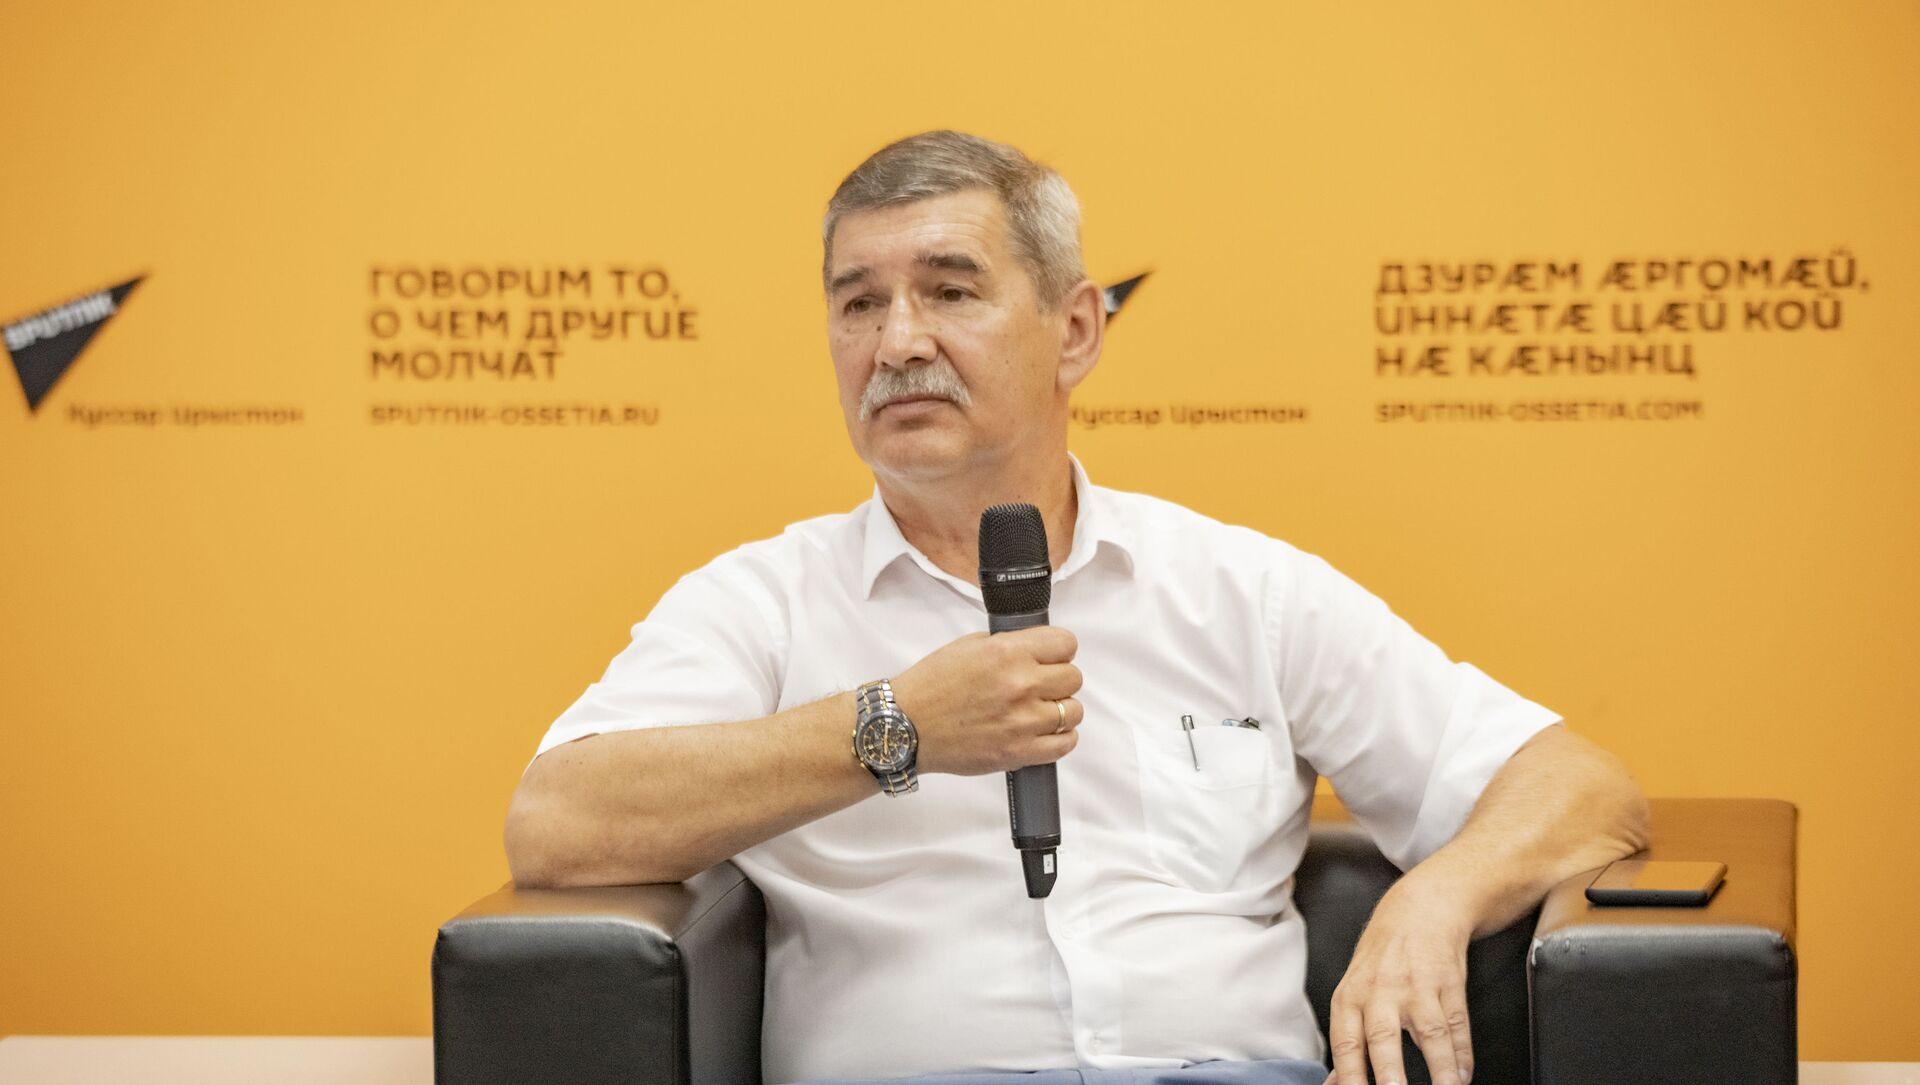 Сергей Скворцов - Sputnik Южная Осетия, 1920, 28.09.2021